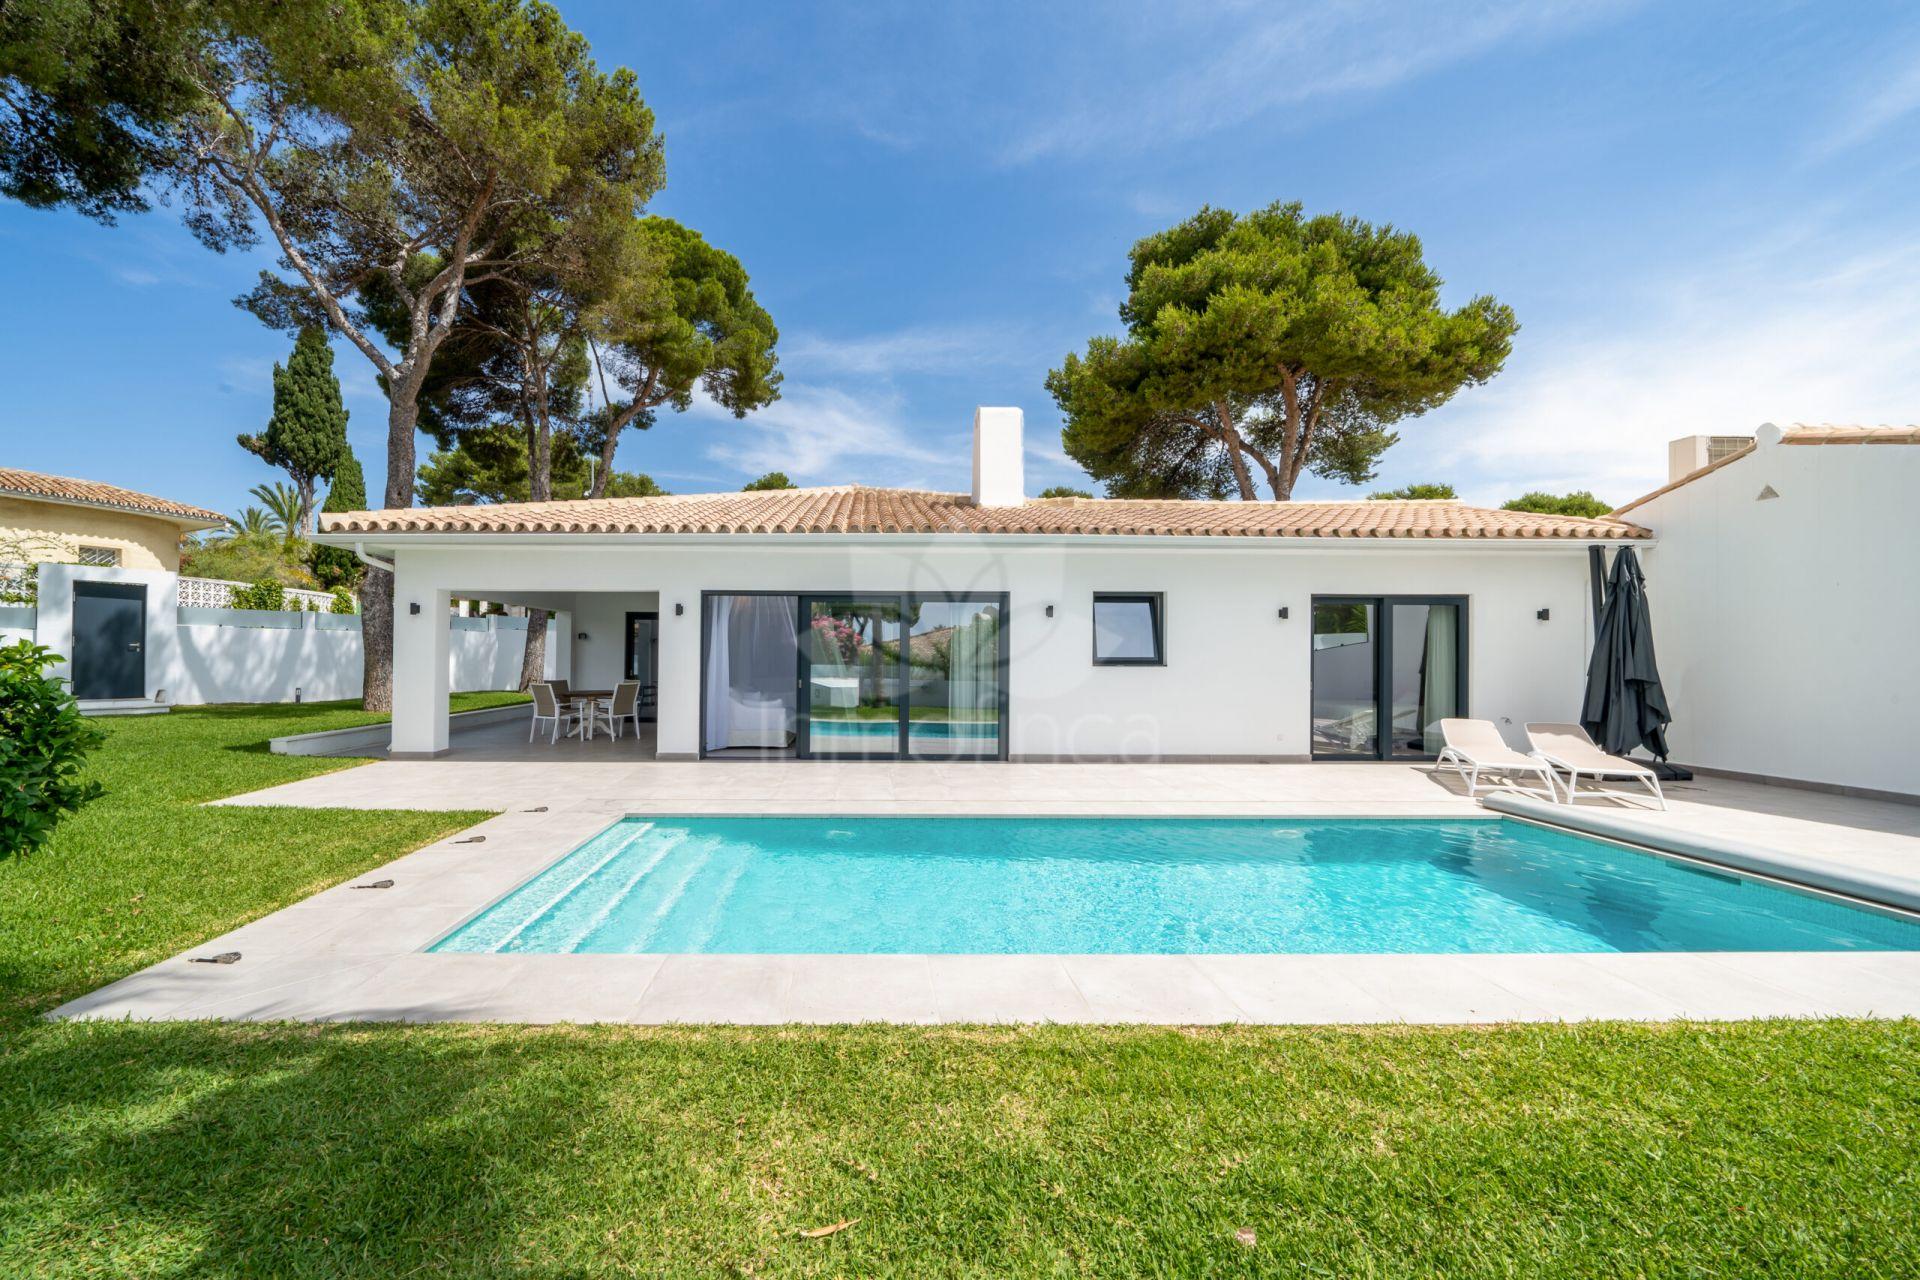 Villa in Los Monteros, Marbella